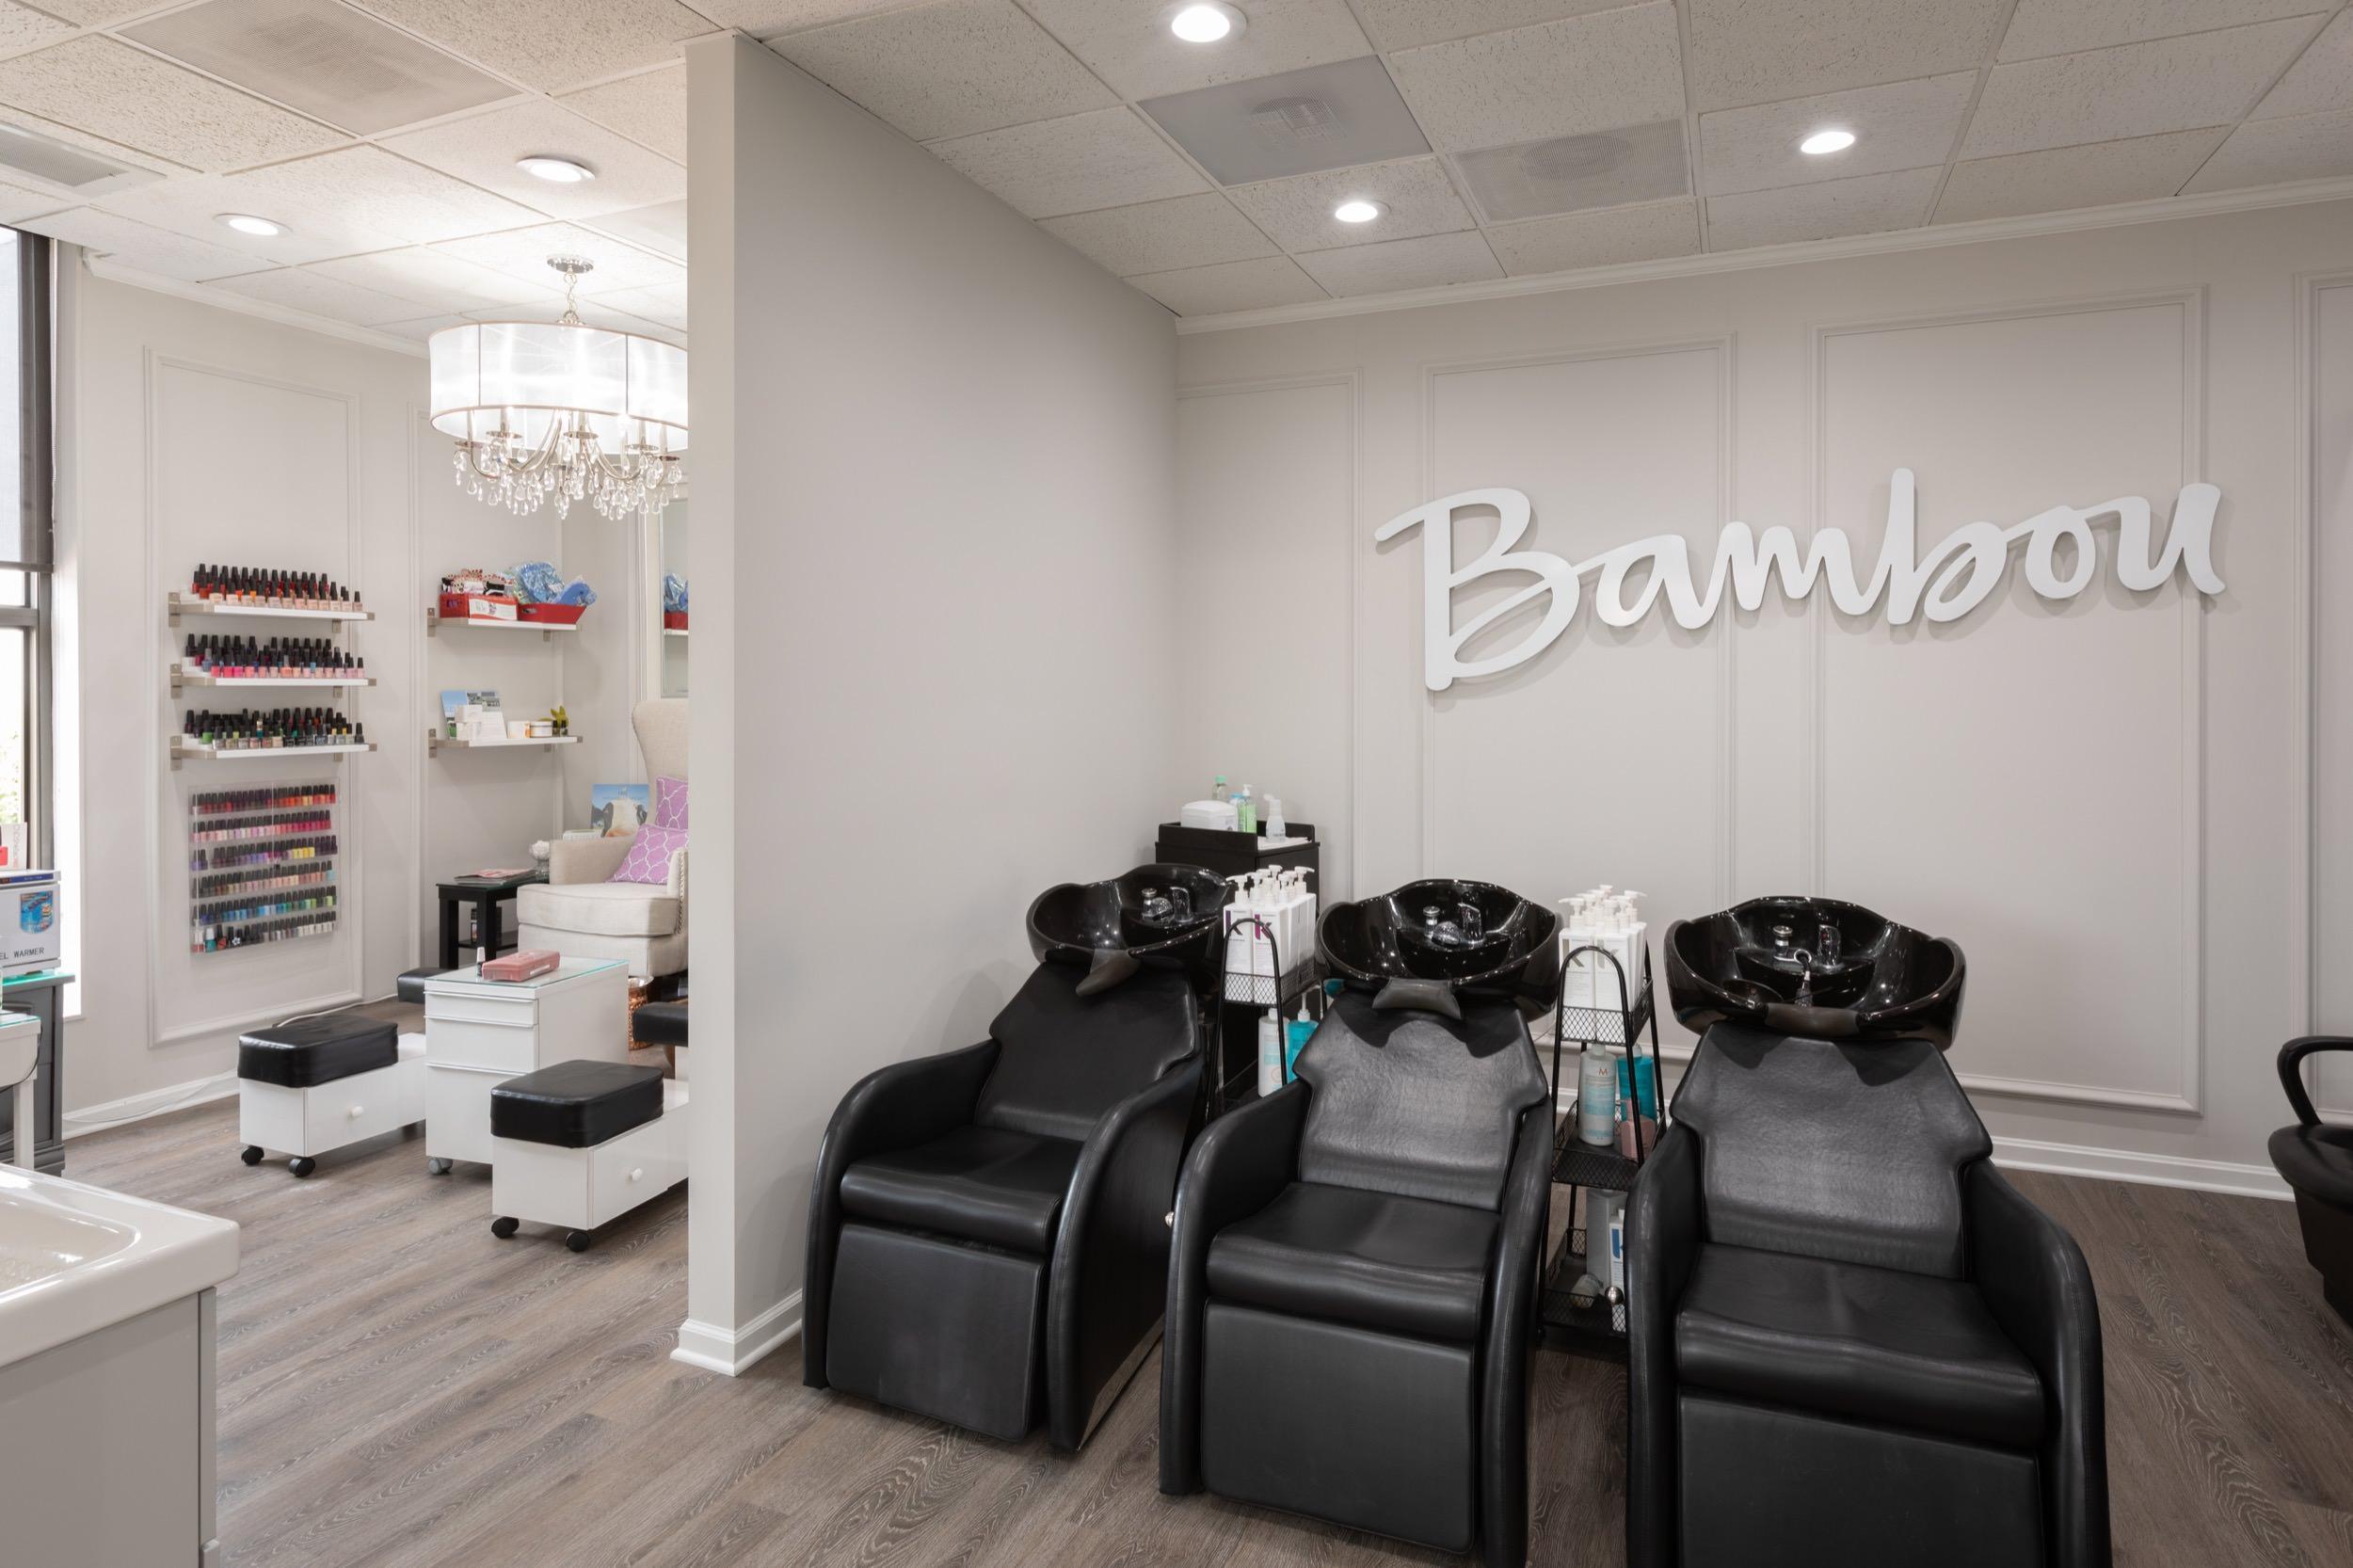 Hair-washing and nail stations at Bambou Salon